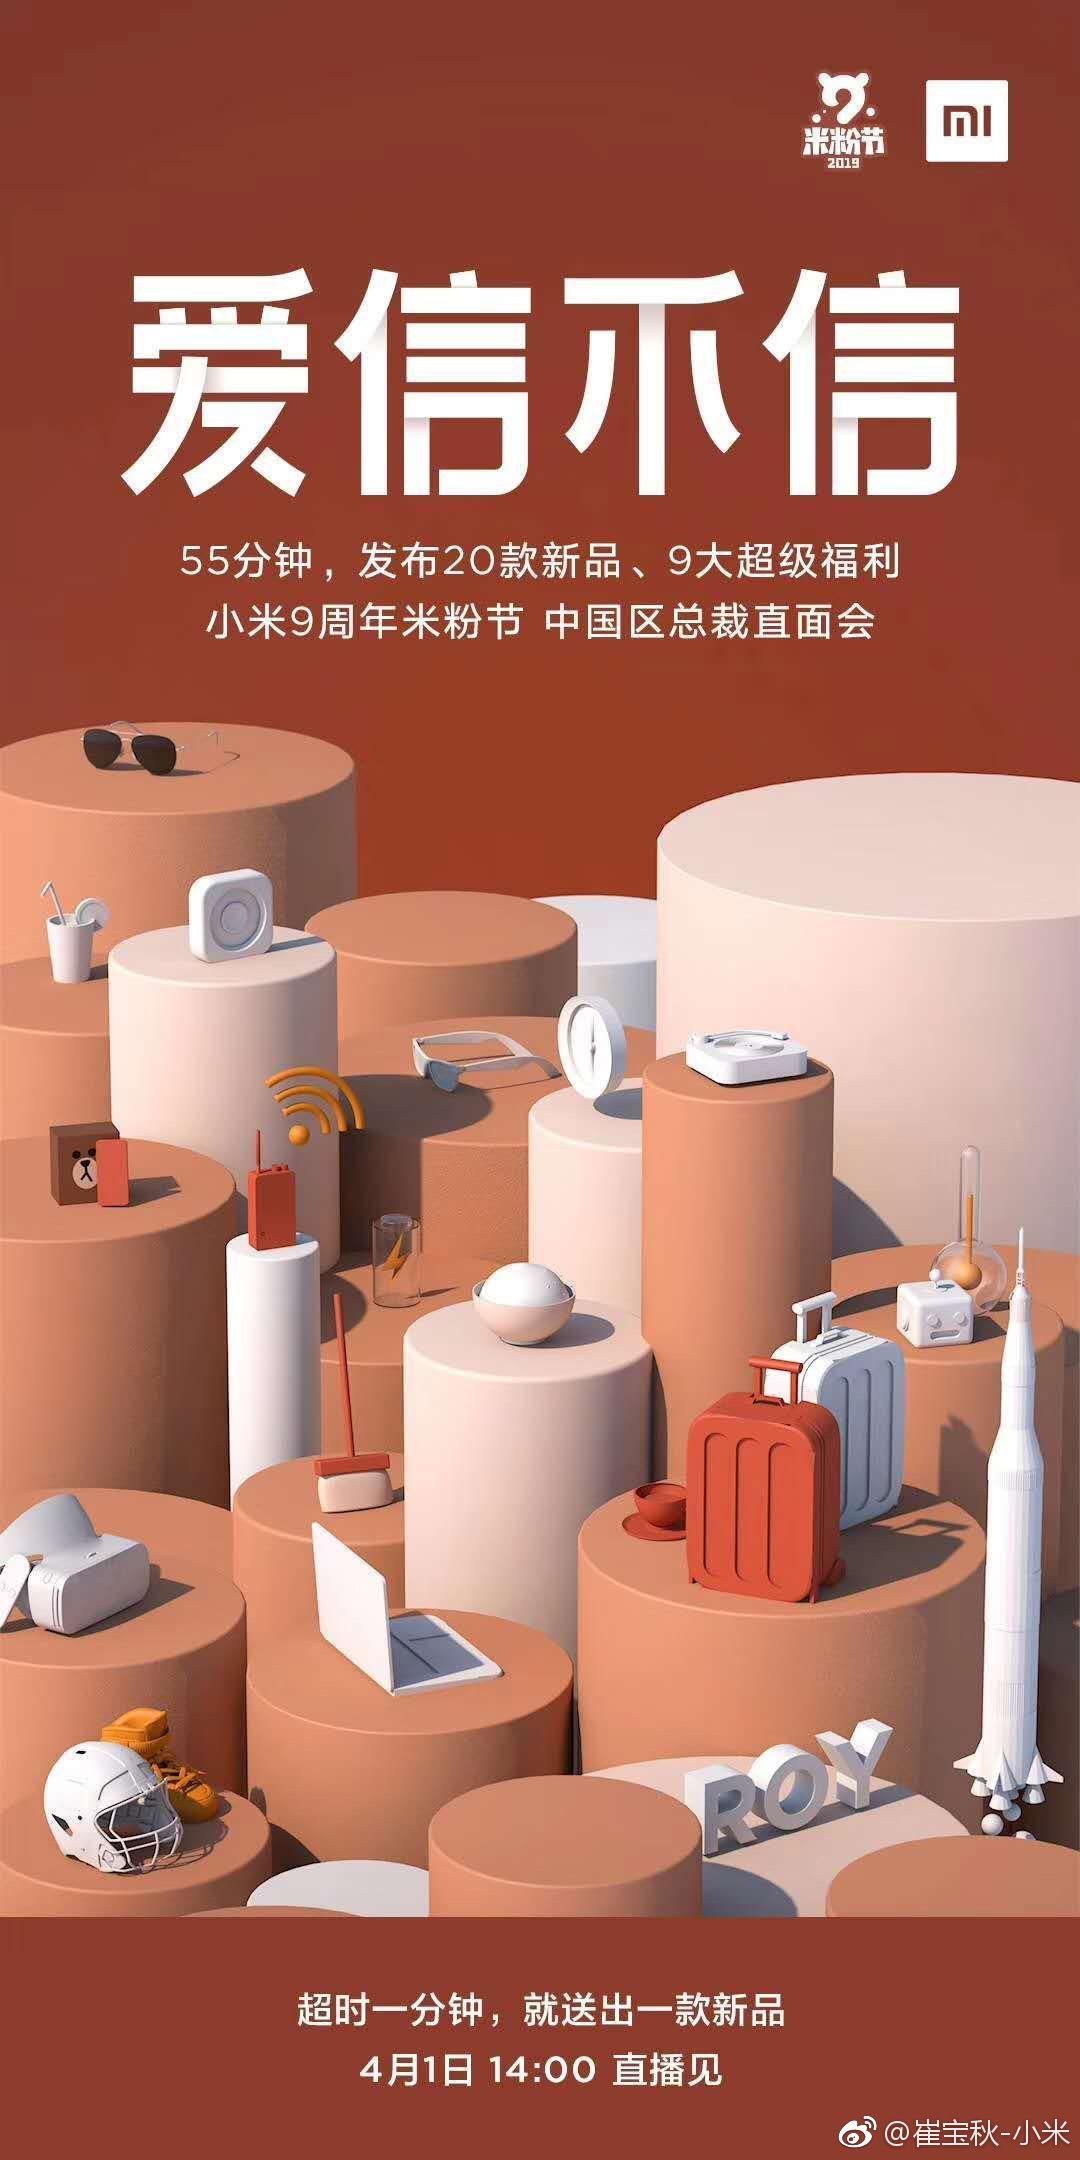 April Fools Day xiaomi anunciará 20 productos nuevos el 1 de abril